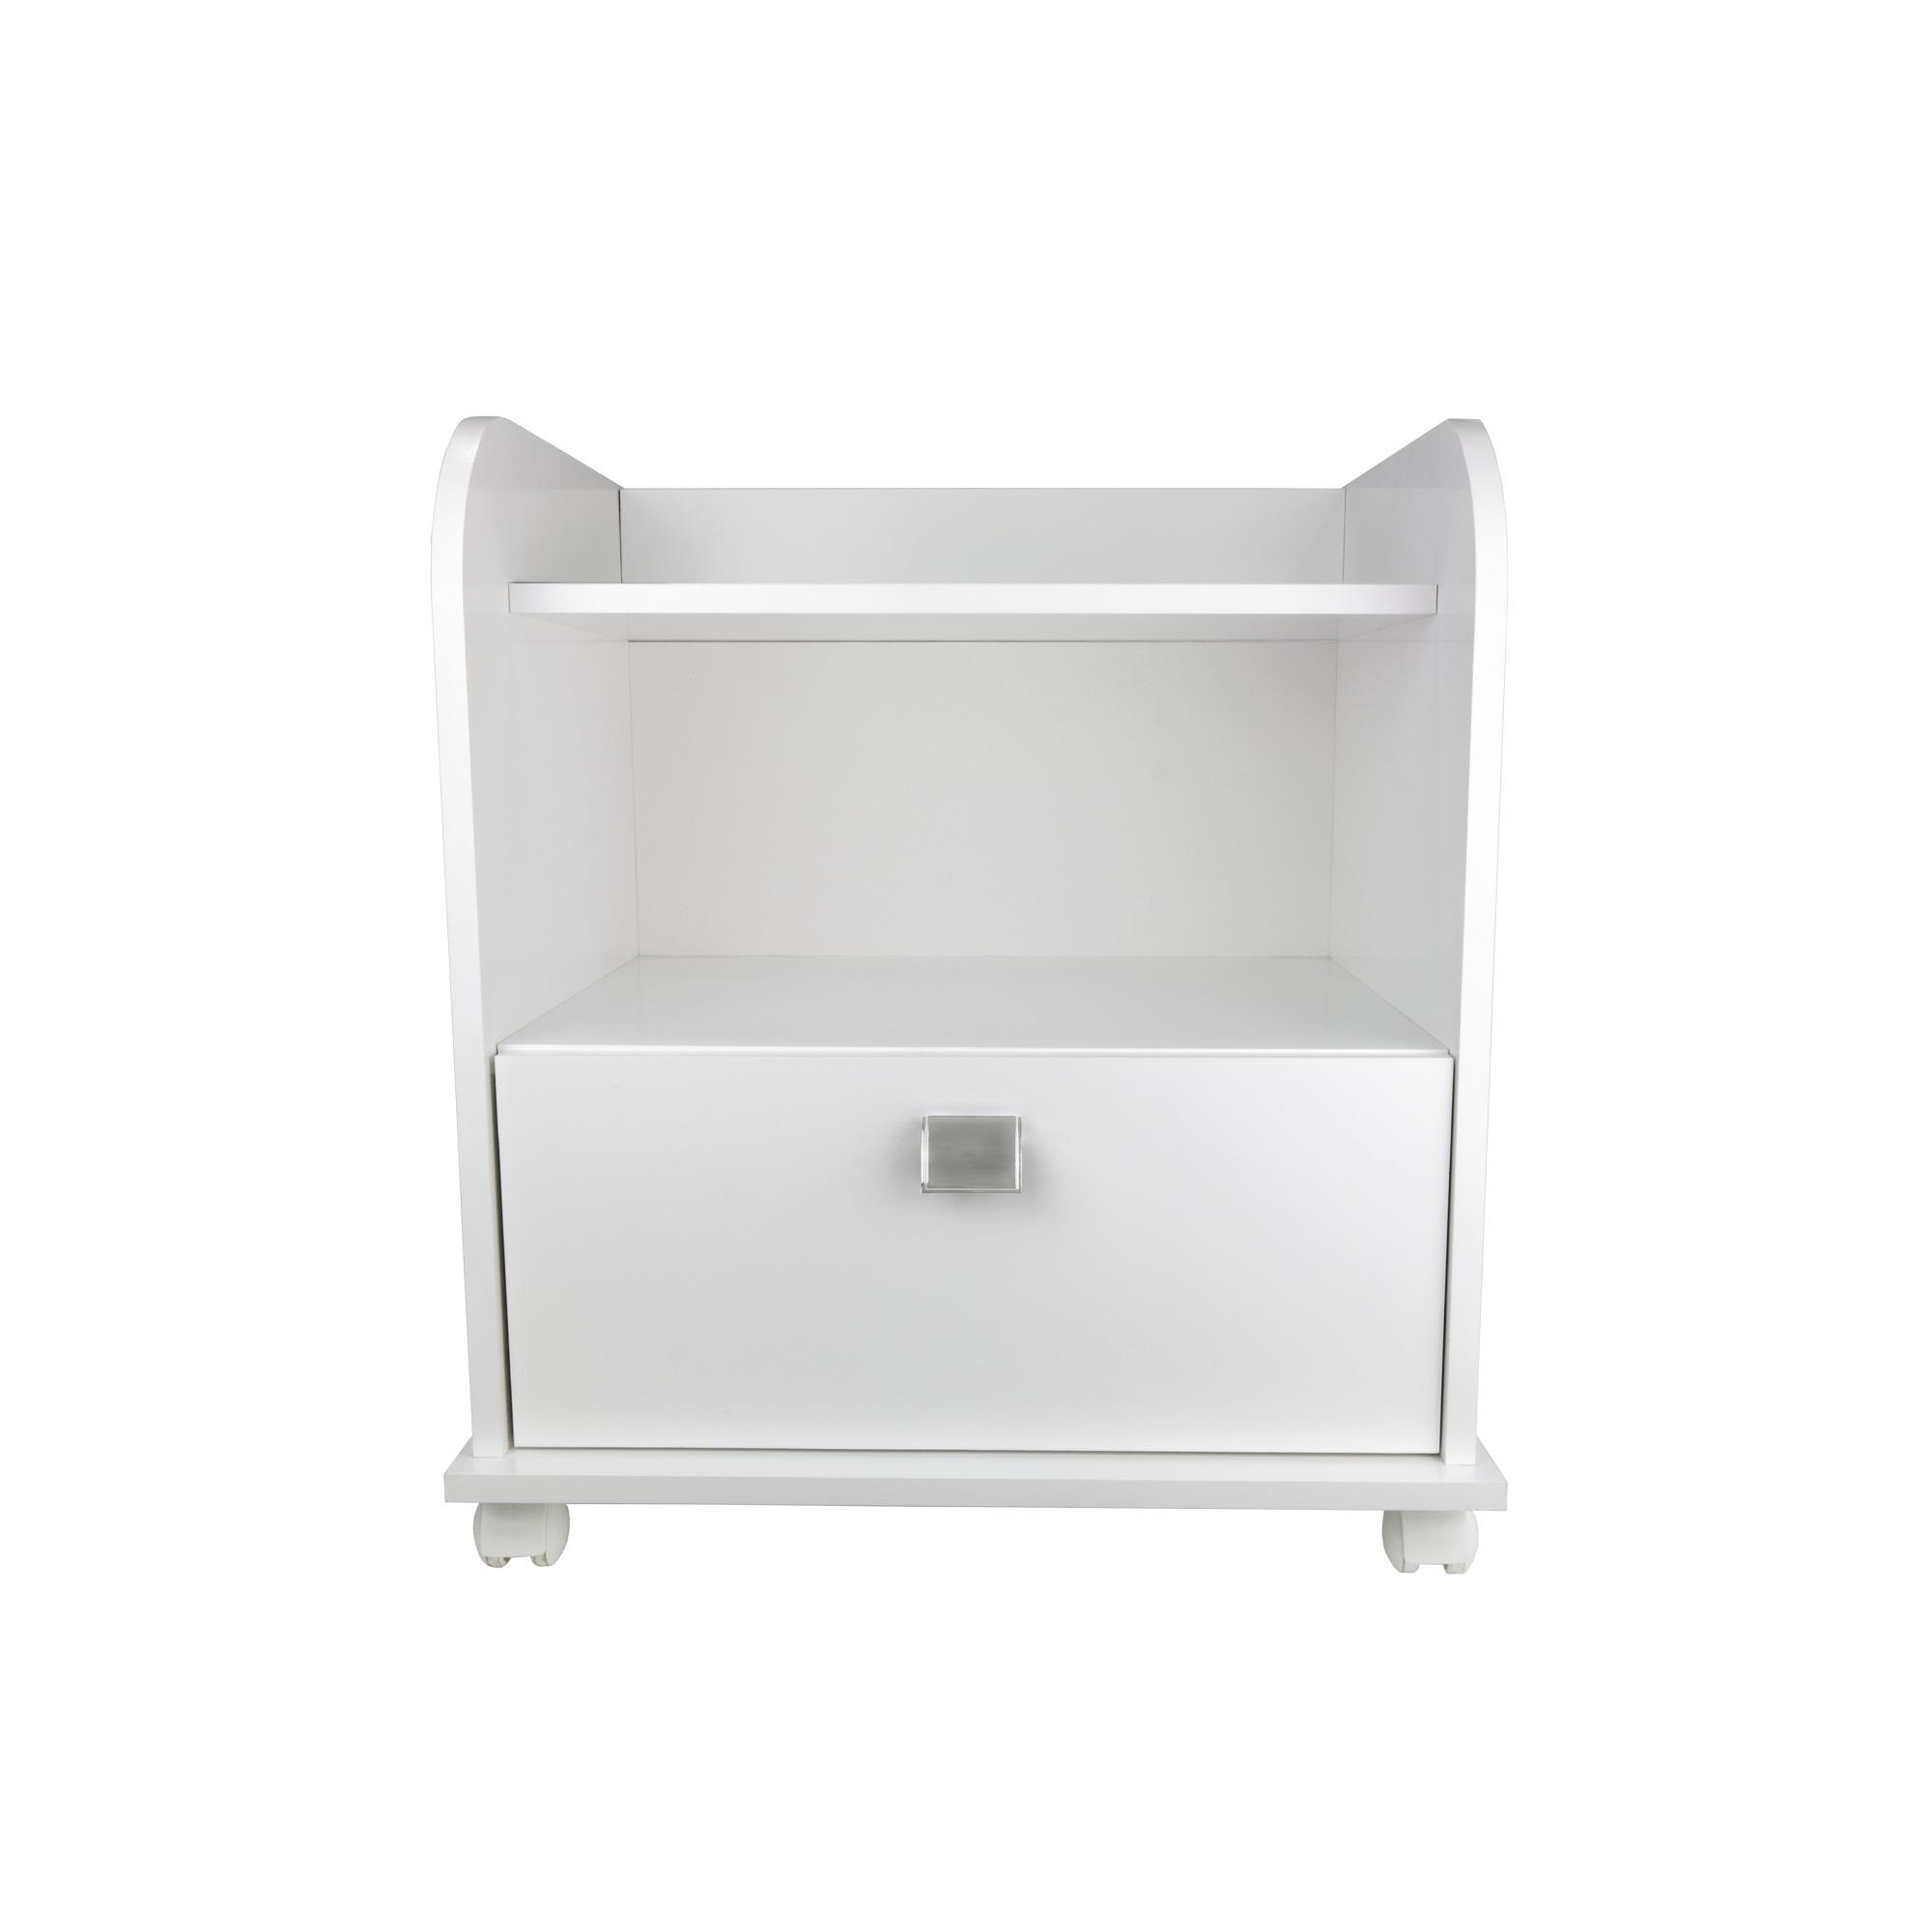 Mesa de Cabeceira 52 x 59 cm 1 Gaveta Branco - Multivisao